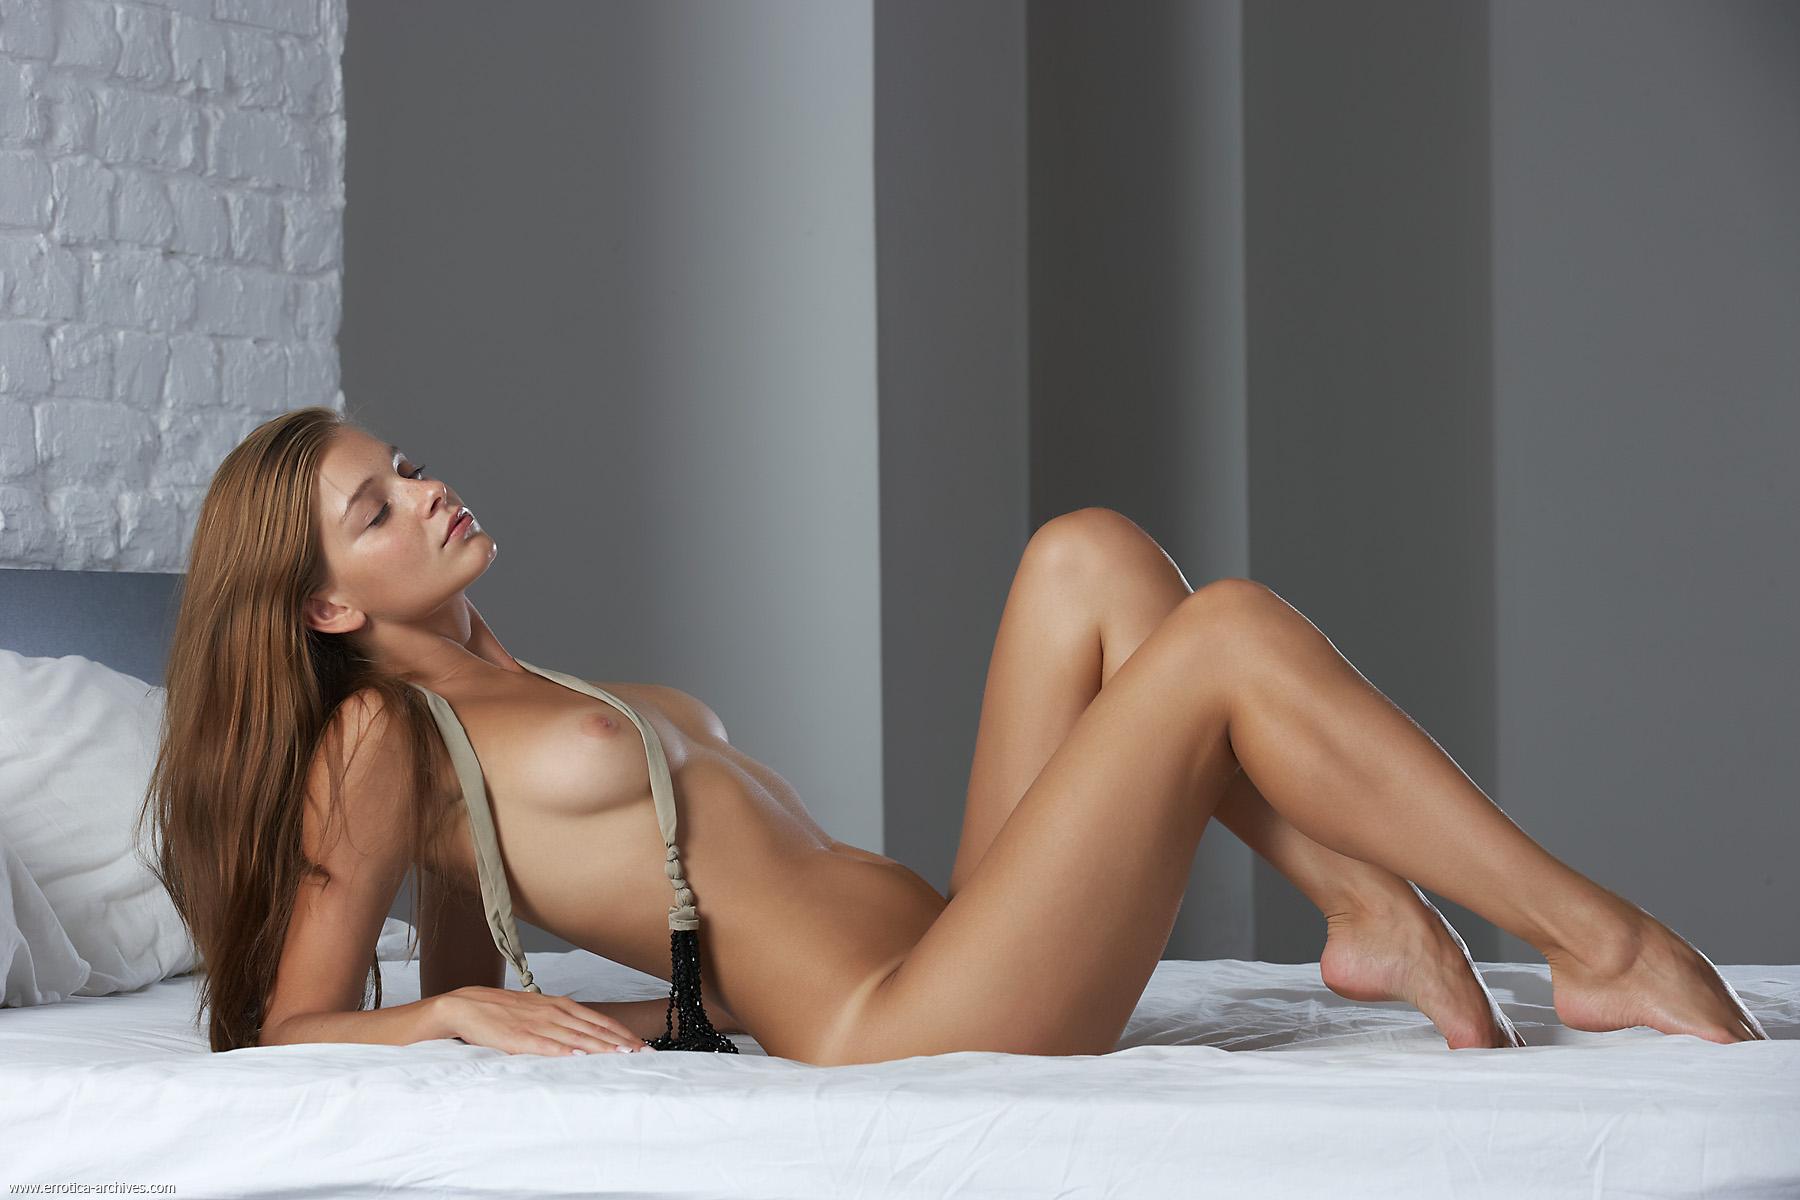 Girl on girl anal licking